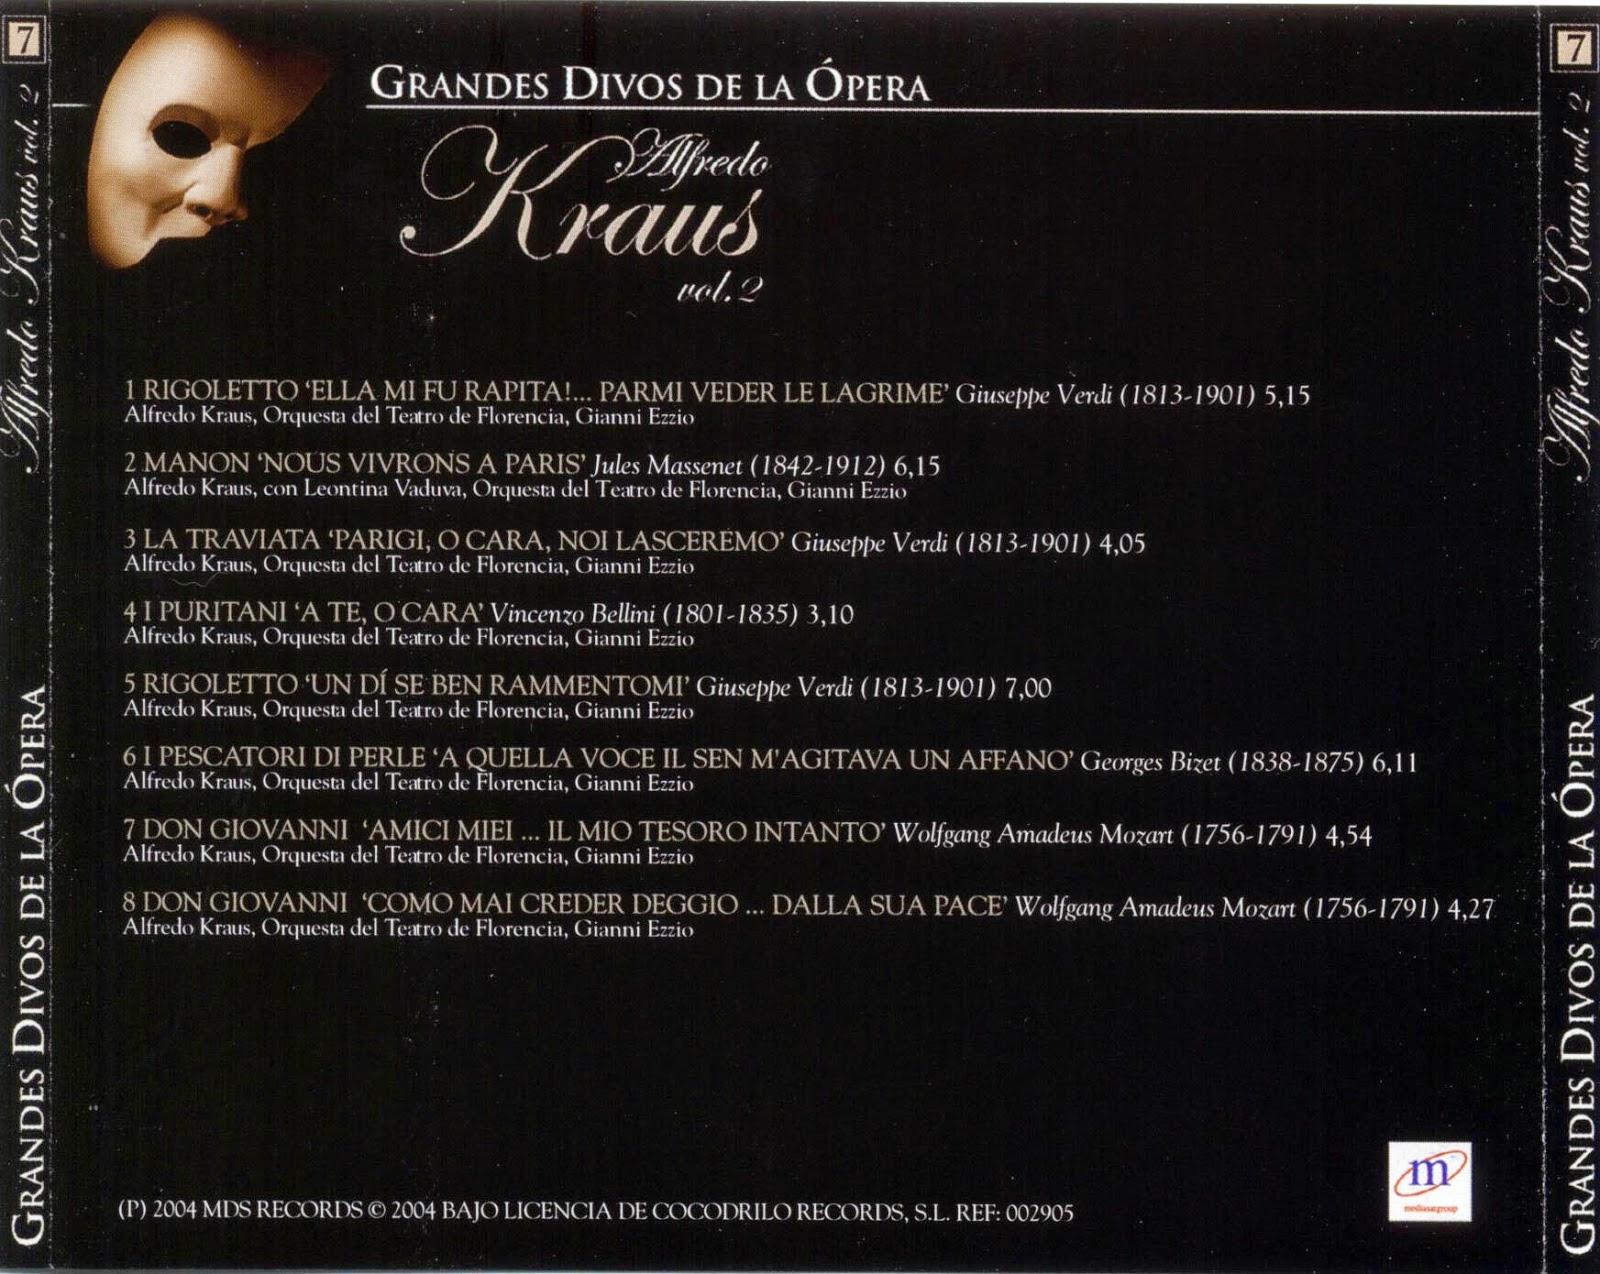 Grandes Divos de la Ópera-cd7-Alfredo Kraus-carátula trasera